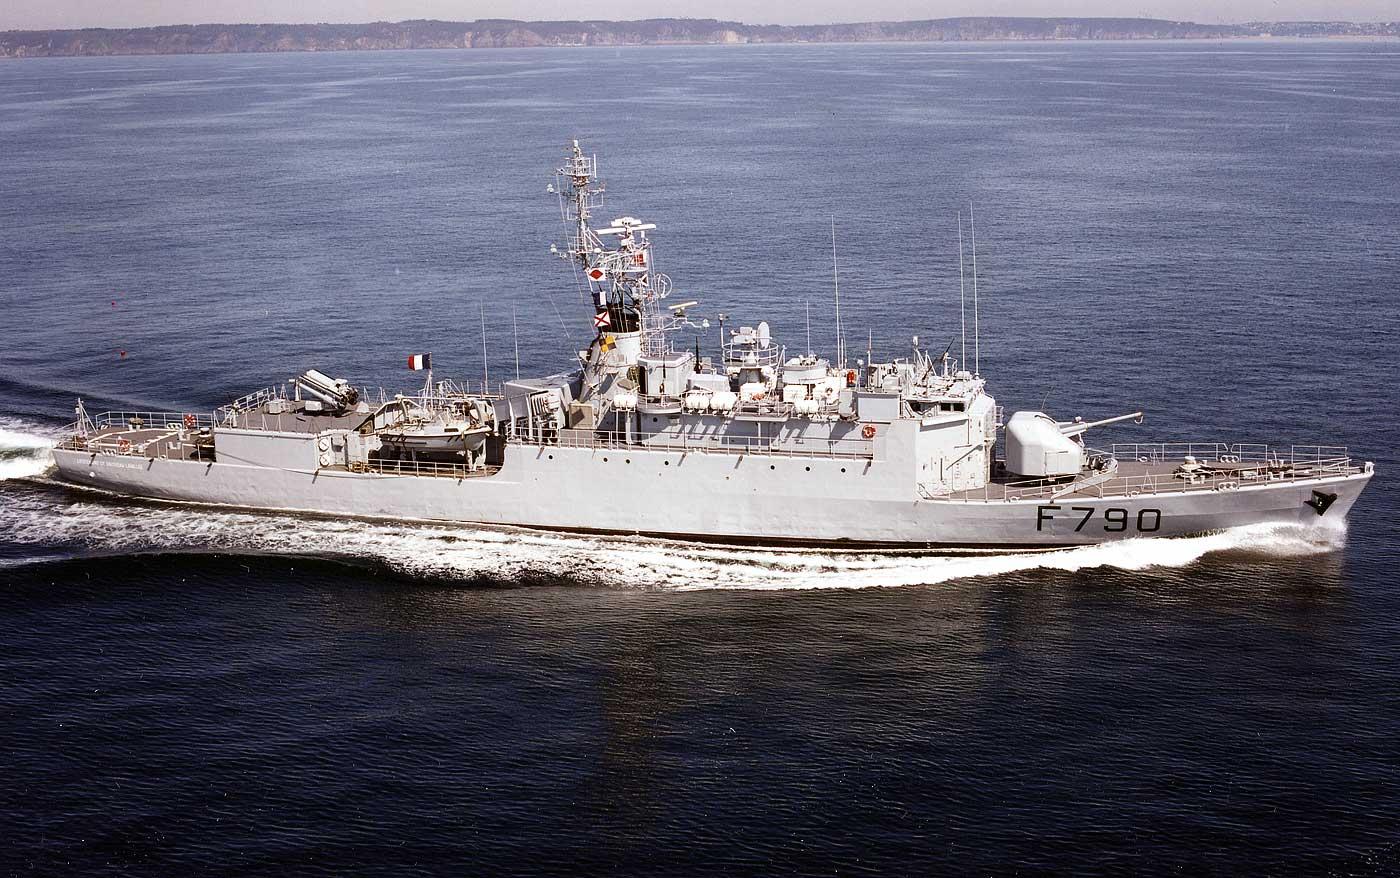 """Aviso A 69 """"Classe d'Estienne d'Orves"""" F790 Lieutenant de vaisseau Lavallée / Propre construction 1: 01-lieutnant-de-v..07kcv"""